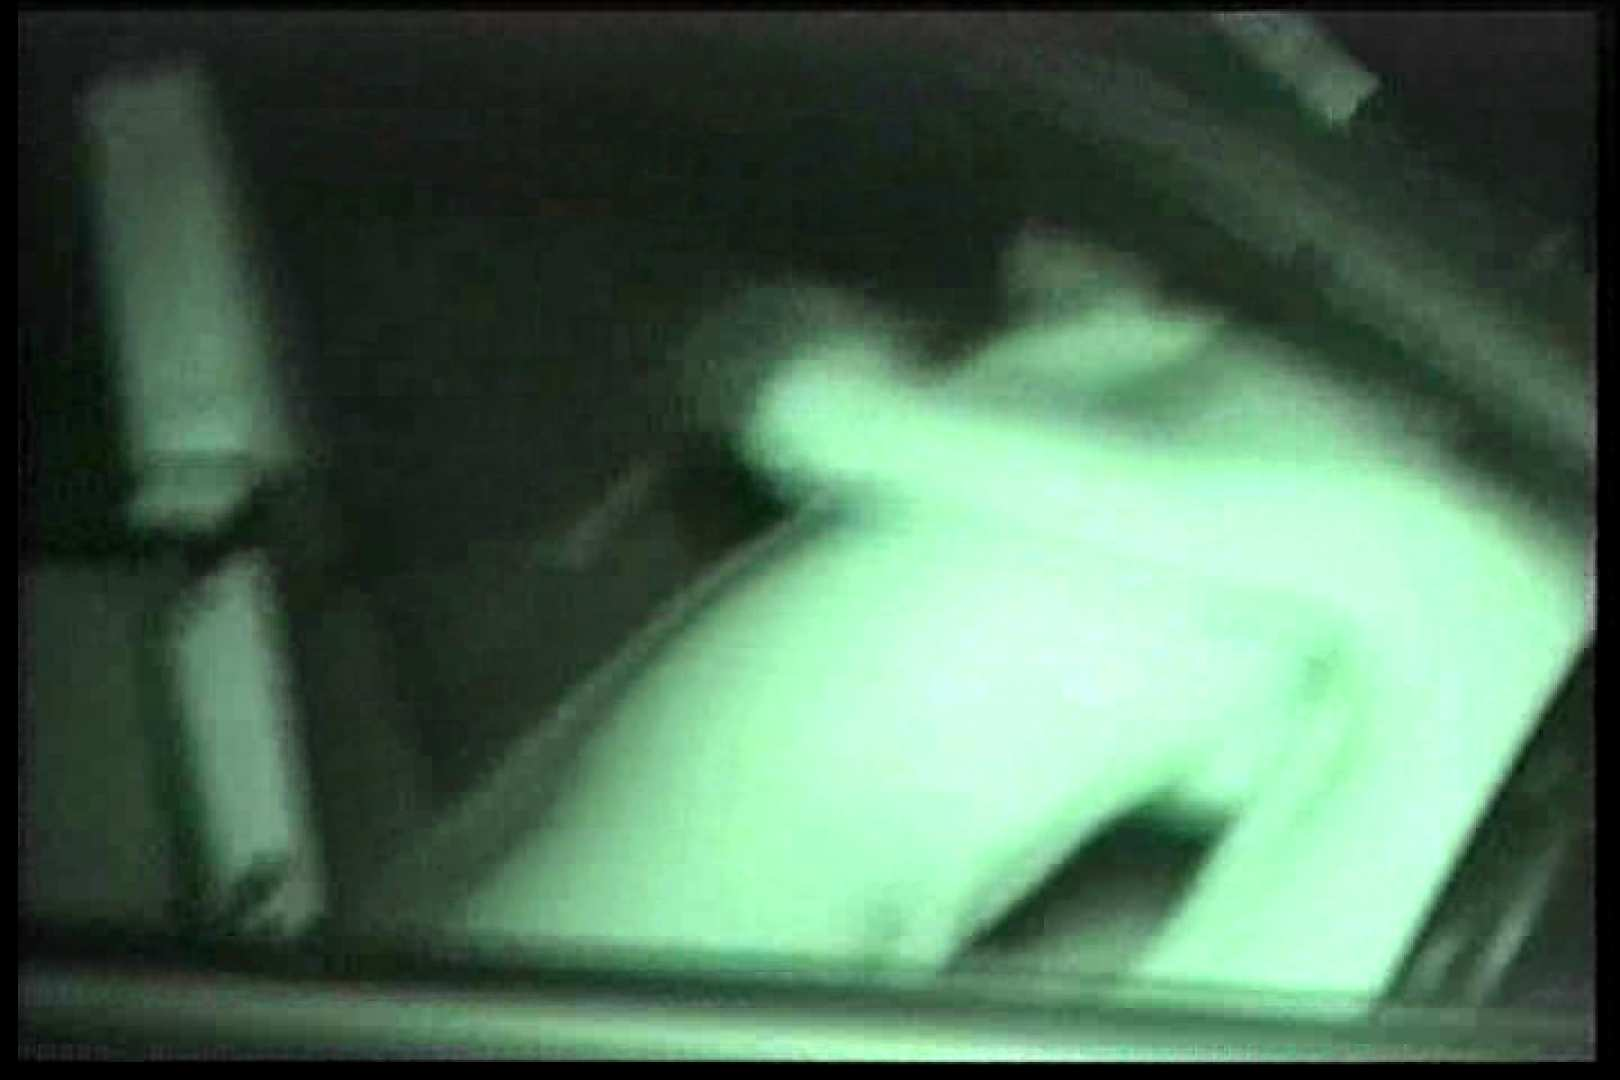 車の中はラブホテル 無修正版  Vol.11 ラブホテル AV動画キャプチャ 86画像 63